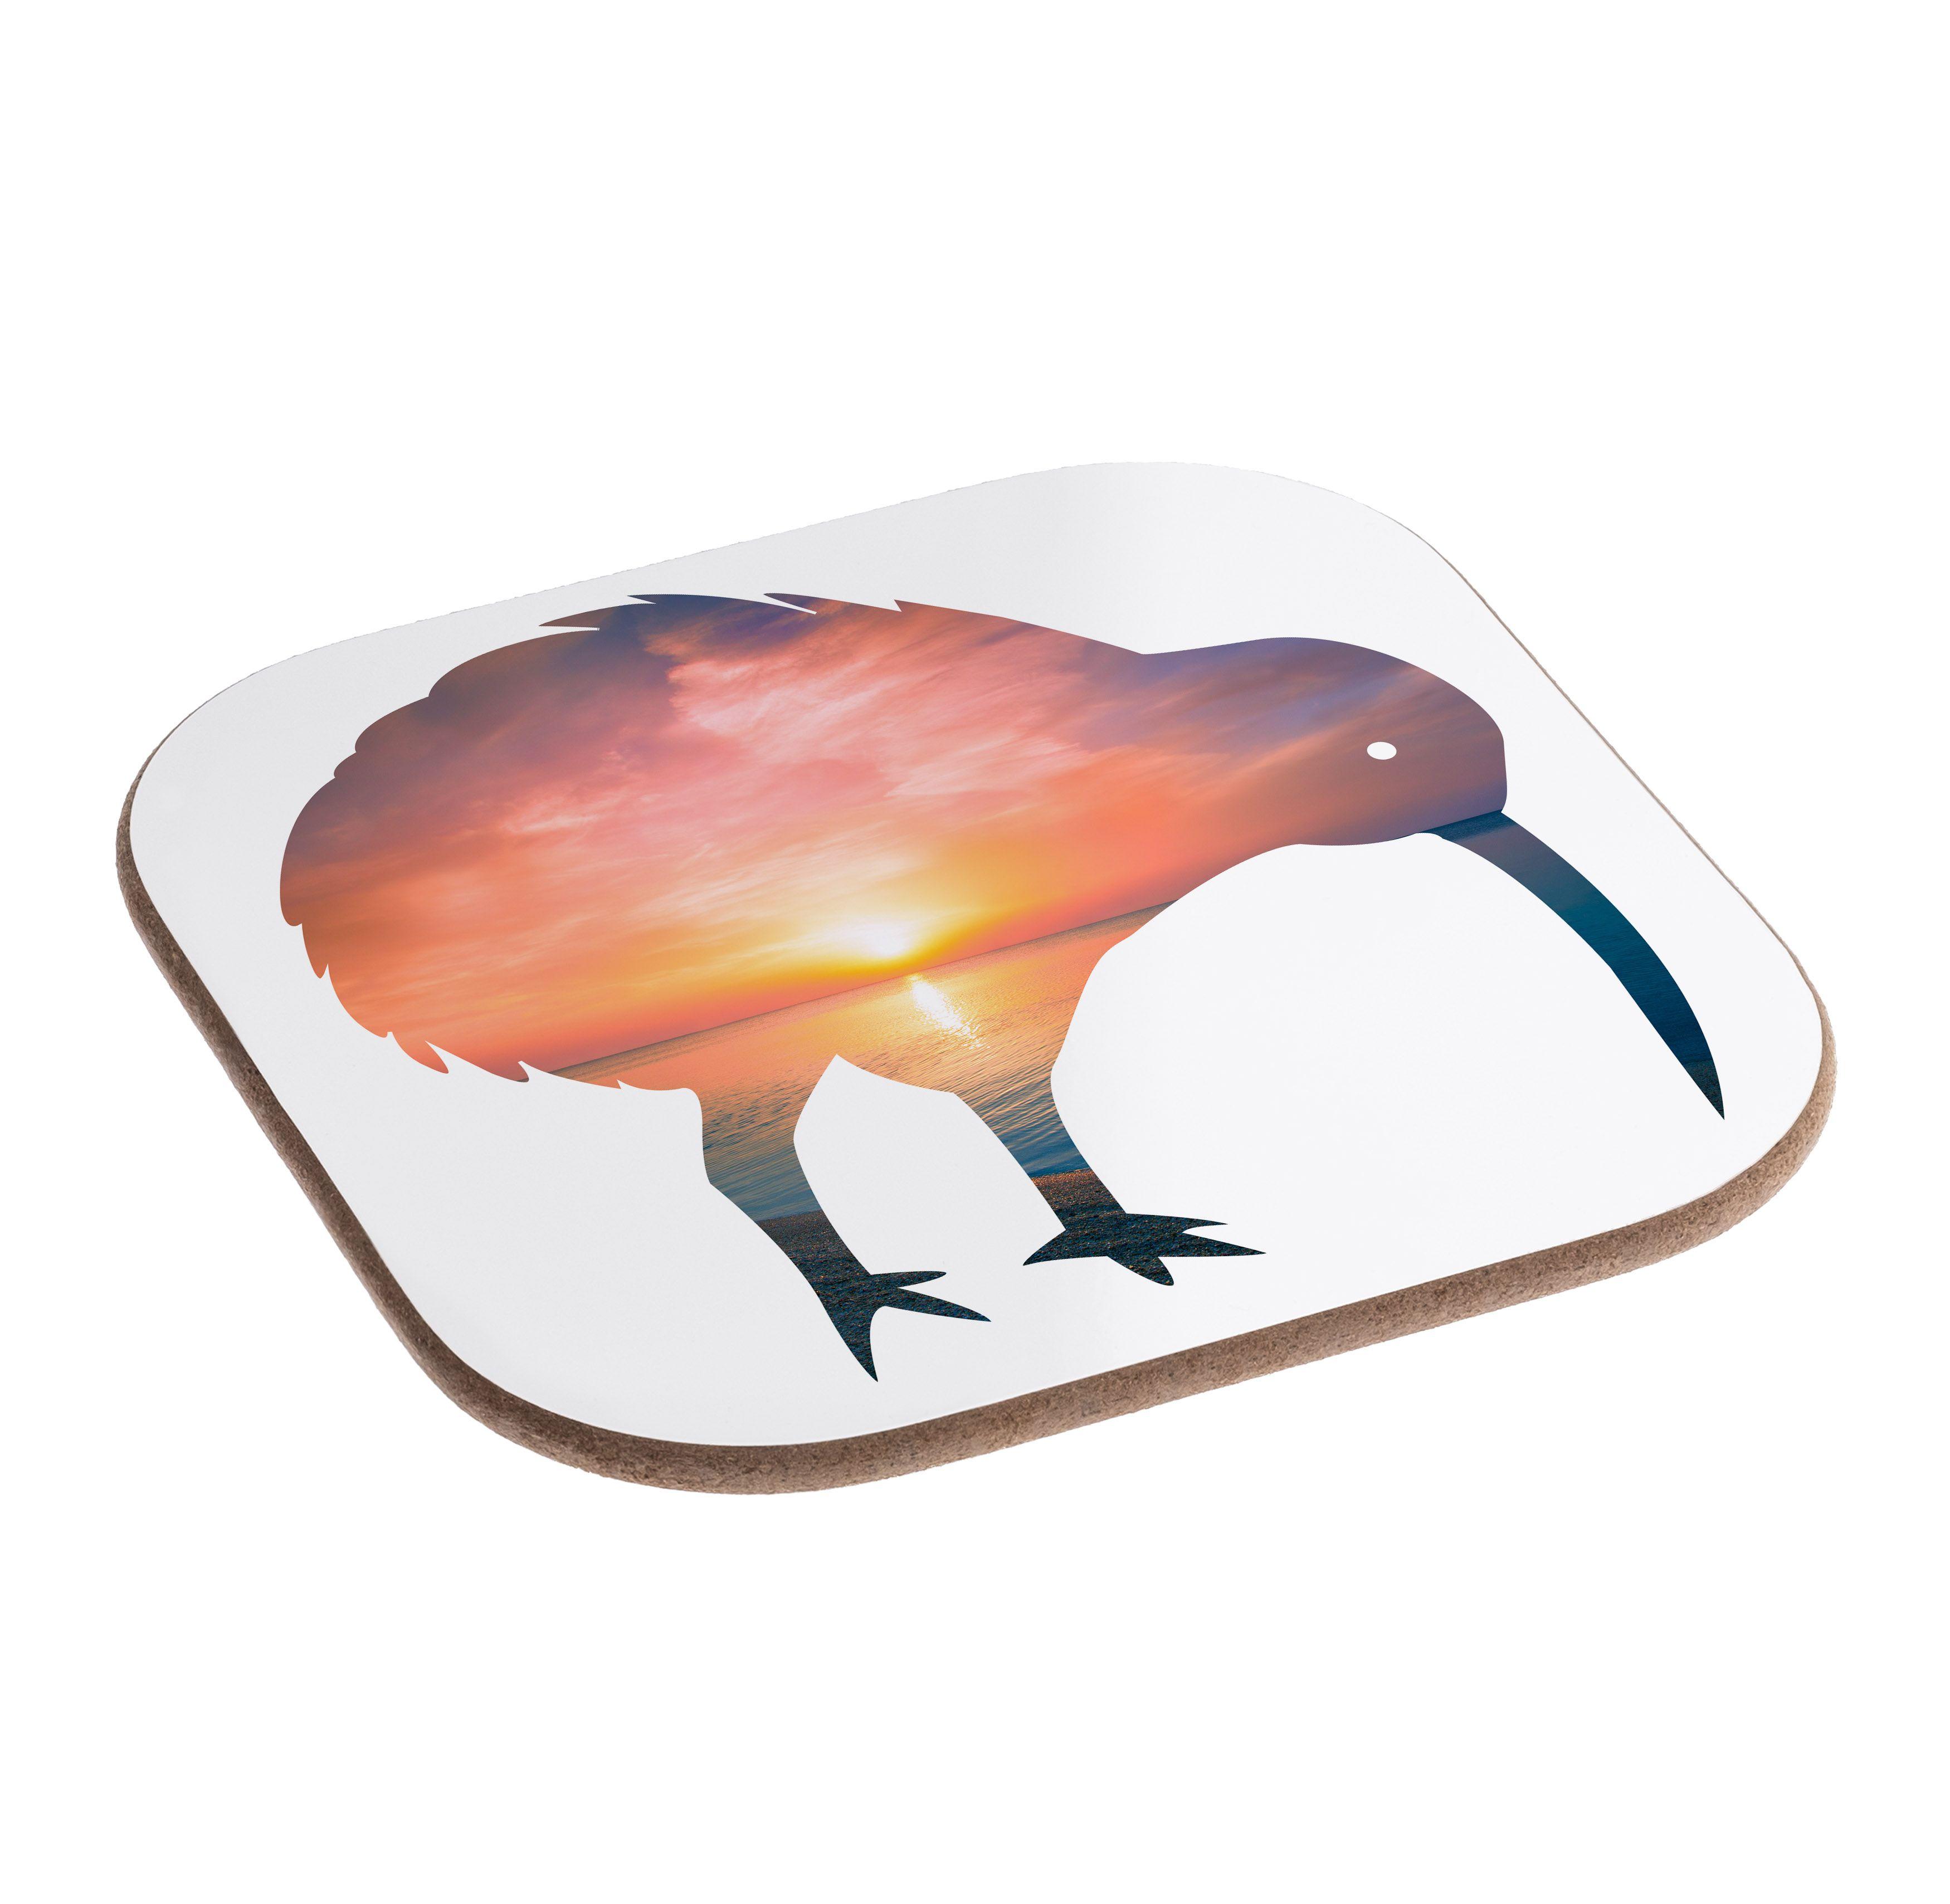 Quadratische Untersetzer Kiwi Vogel aus Hartfaser  natur - Das Original von Mr. & Mrs. Panda.  Dieser wunderschönen Untersetzer von Mr. & Mrs. Panda wird in unserer Manufaktur liebevoll bedruckt und verpackt. Er bestitz eine Größe von 100x100 mm und glänzt sehr hochwertig. Hier wird ein Untersetzer verkauft, sie können die Untersetzer natürlich auch im Set kaufen.    Über unser Motiv Kiwi Vogel  Kiwi-Vögel oder Schnepfenstrauße sind nachtaktive und flugunfähige Vögel (Laufvögel) und sind in…